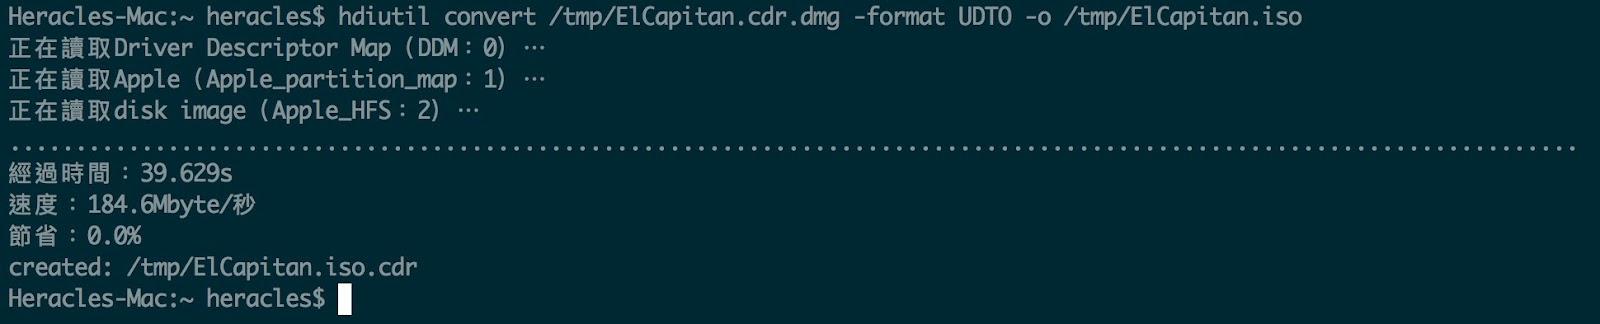 how to make a bootable usb drive mac el capitan